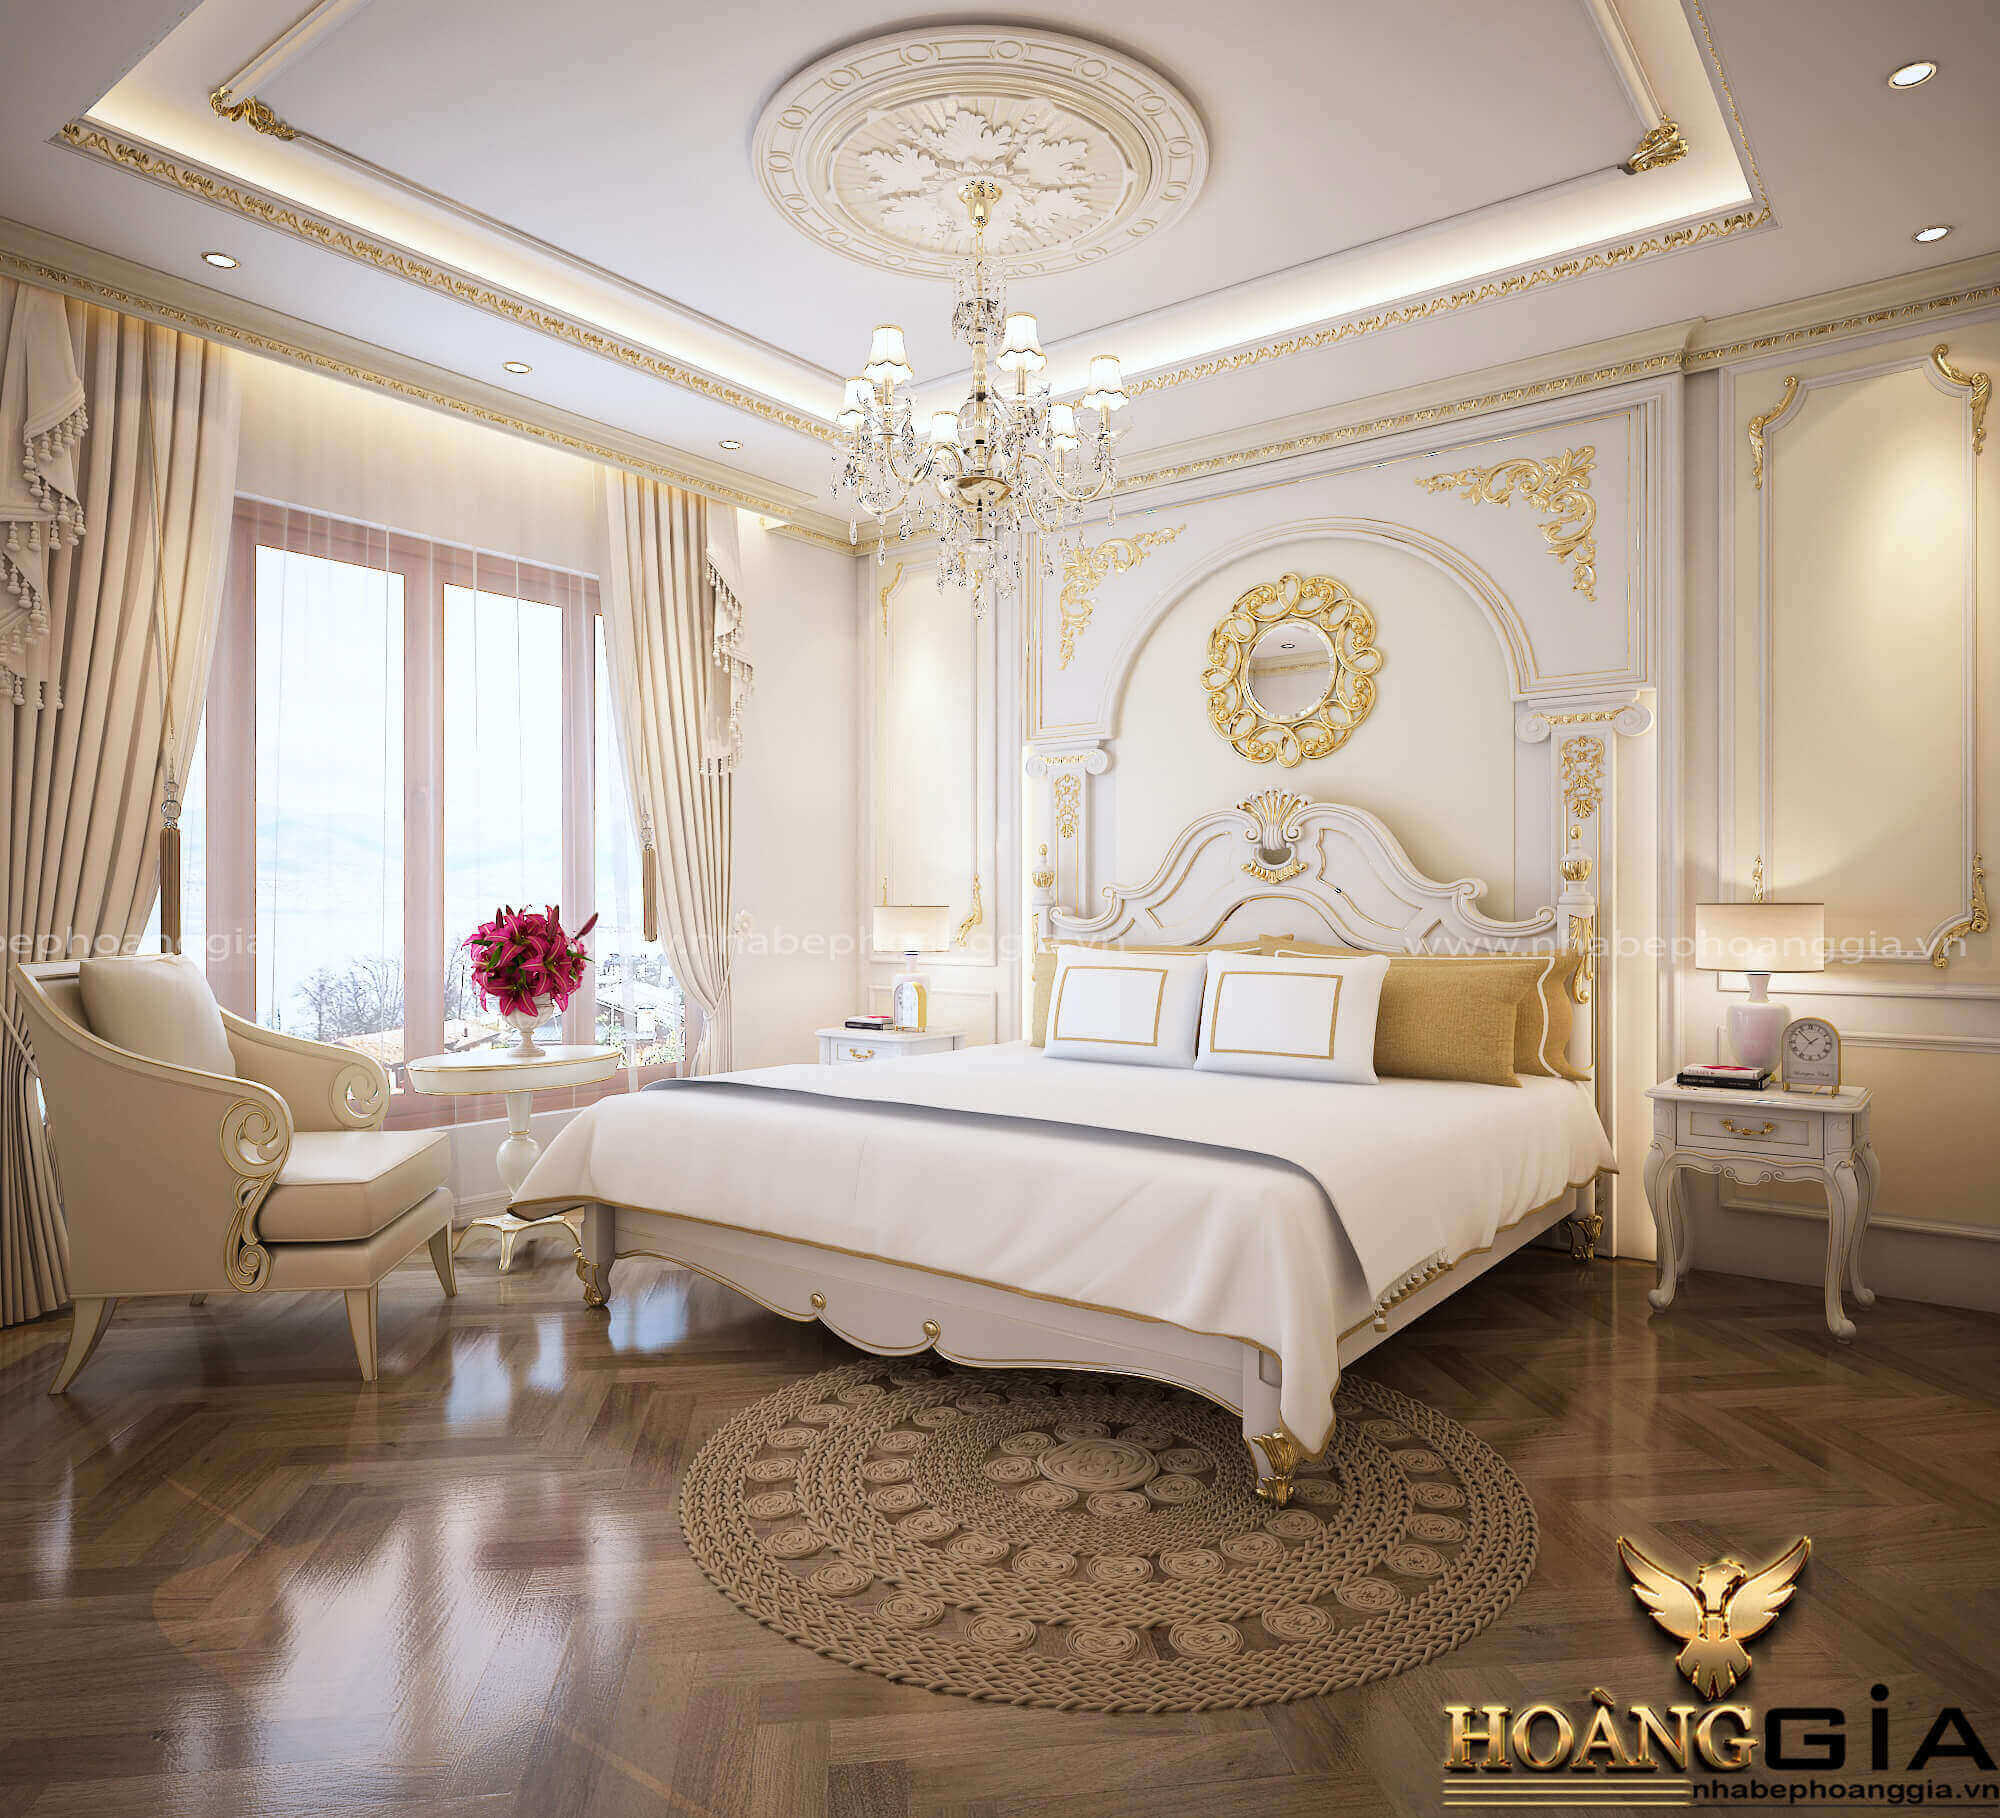 sức hút của nội thất phong cách tân cổ điển